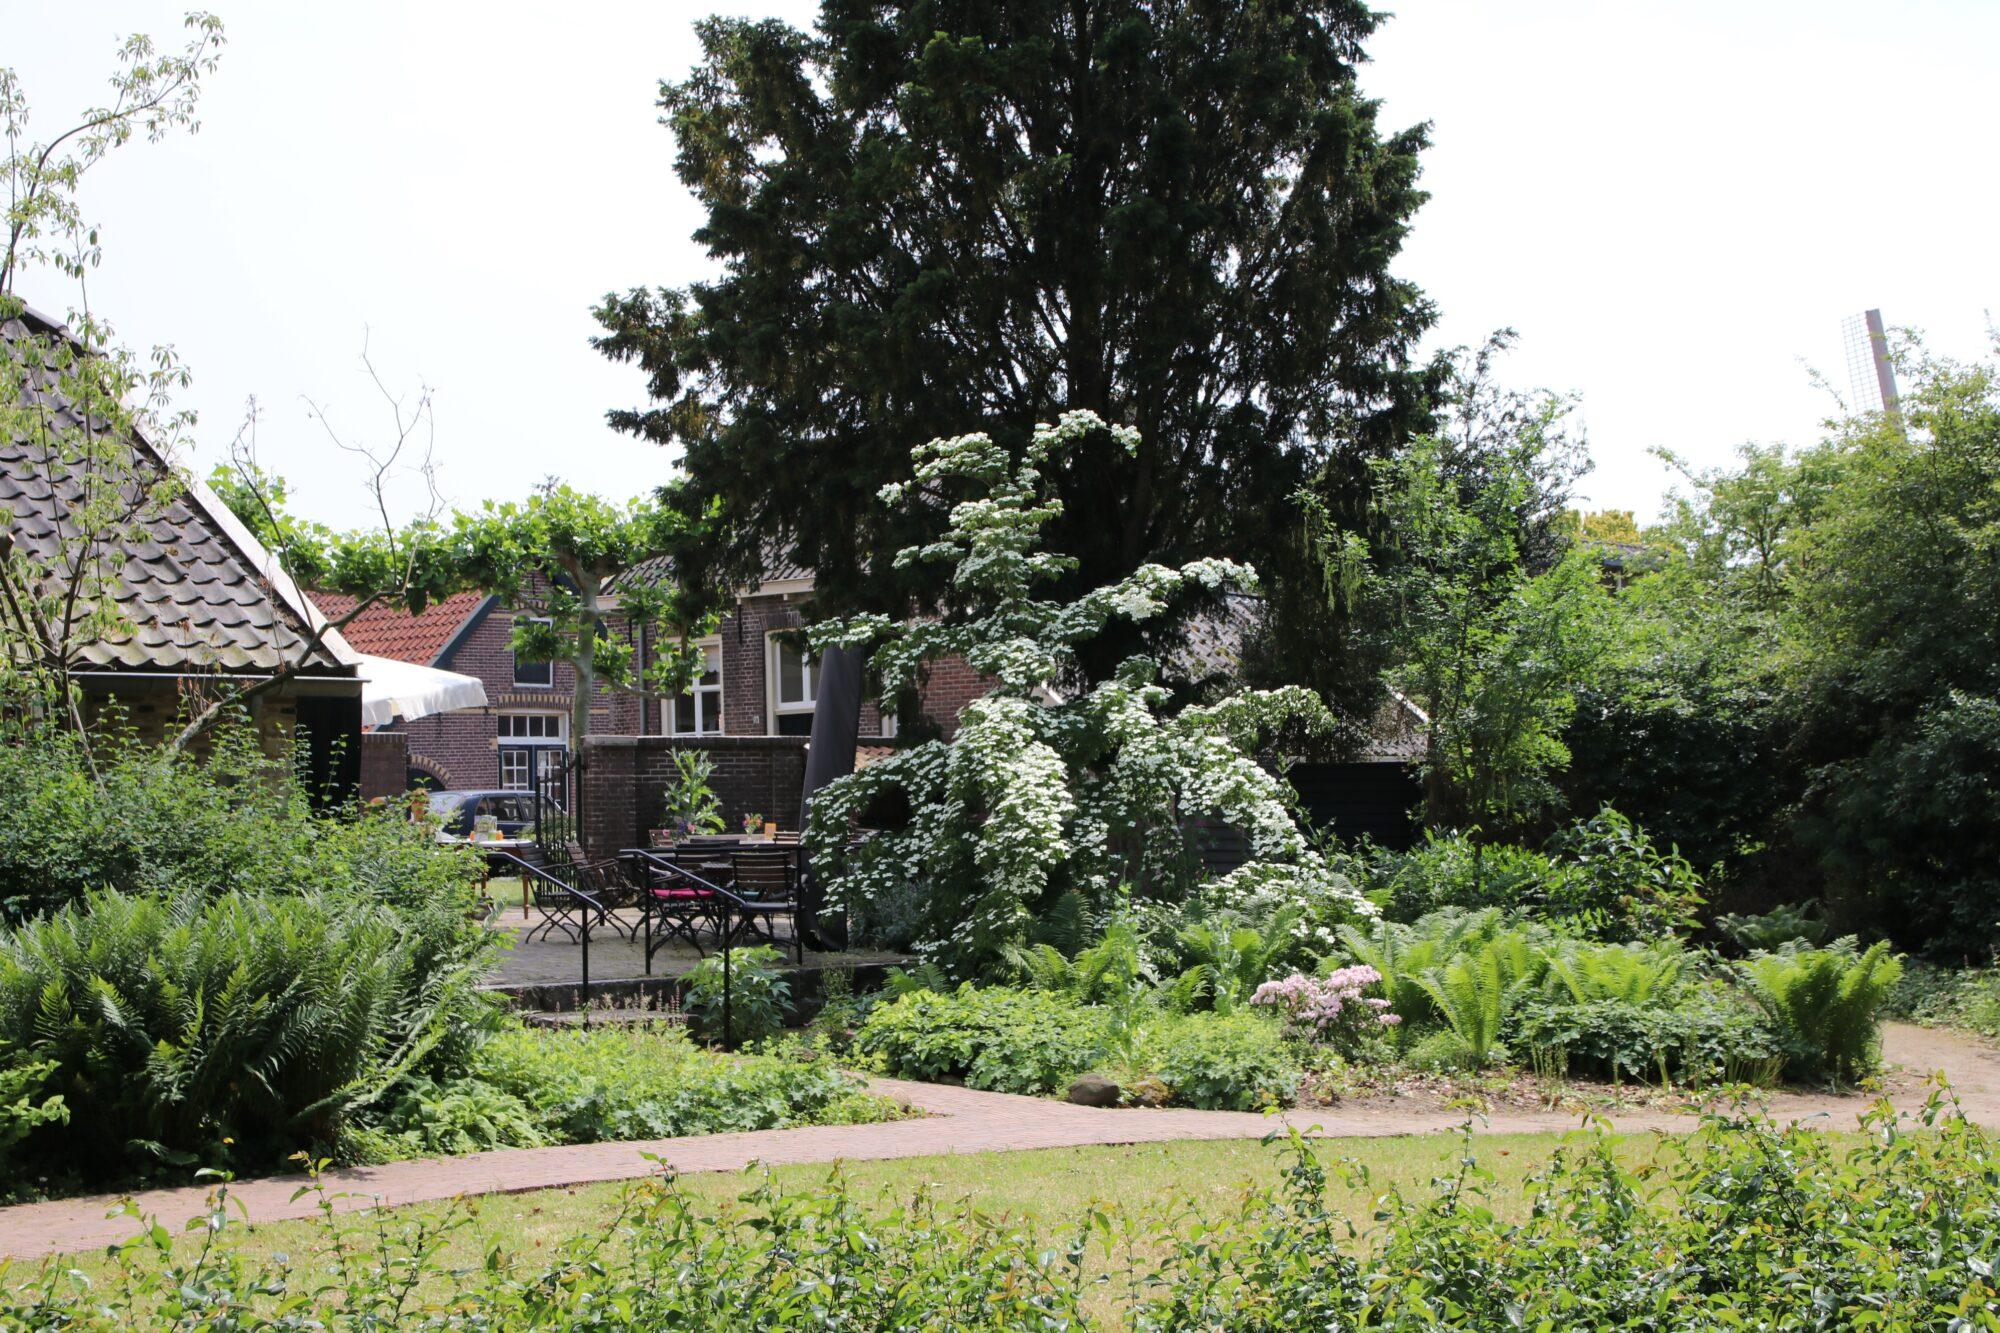 Stinzenplanten in tuin èn galerie